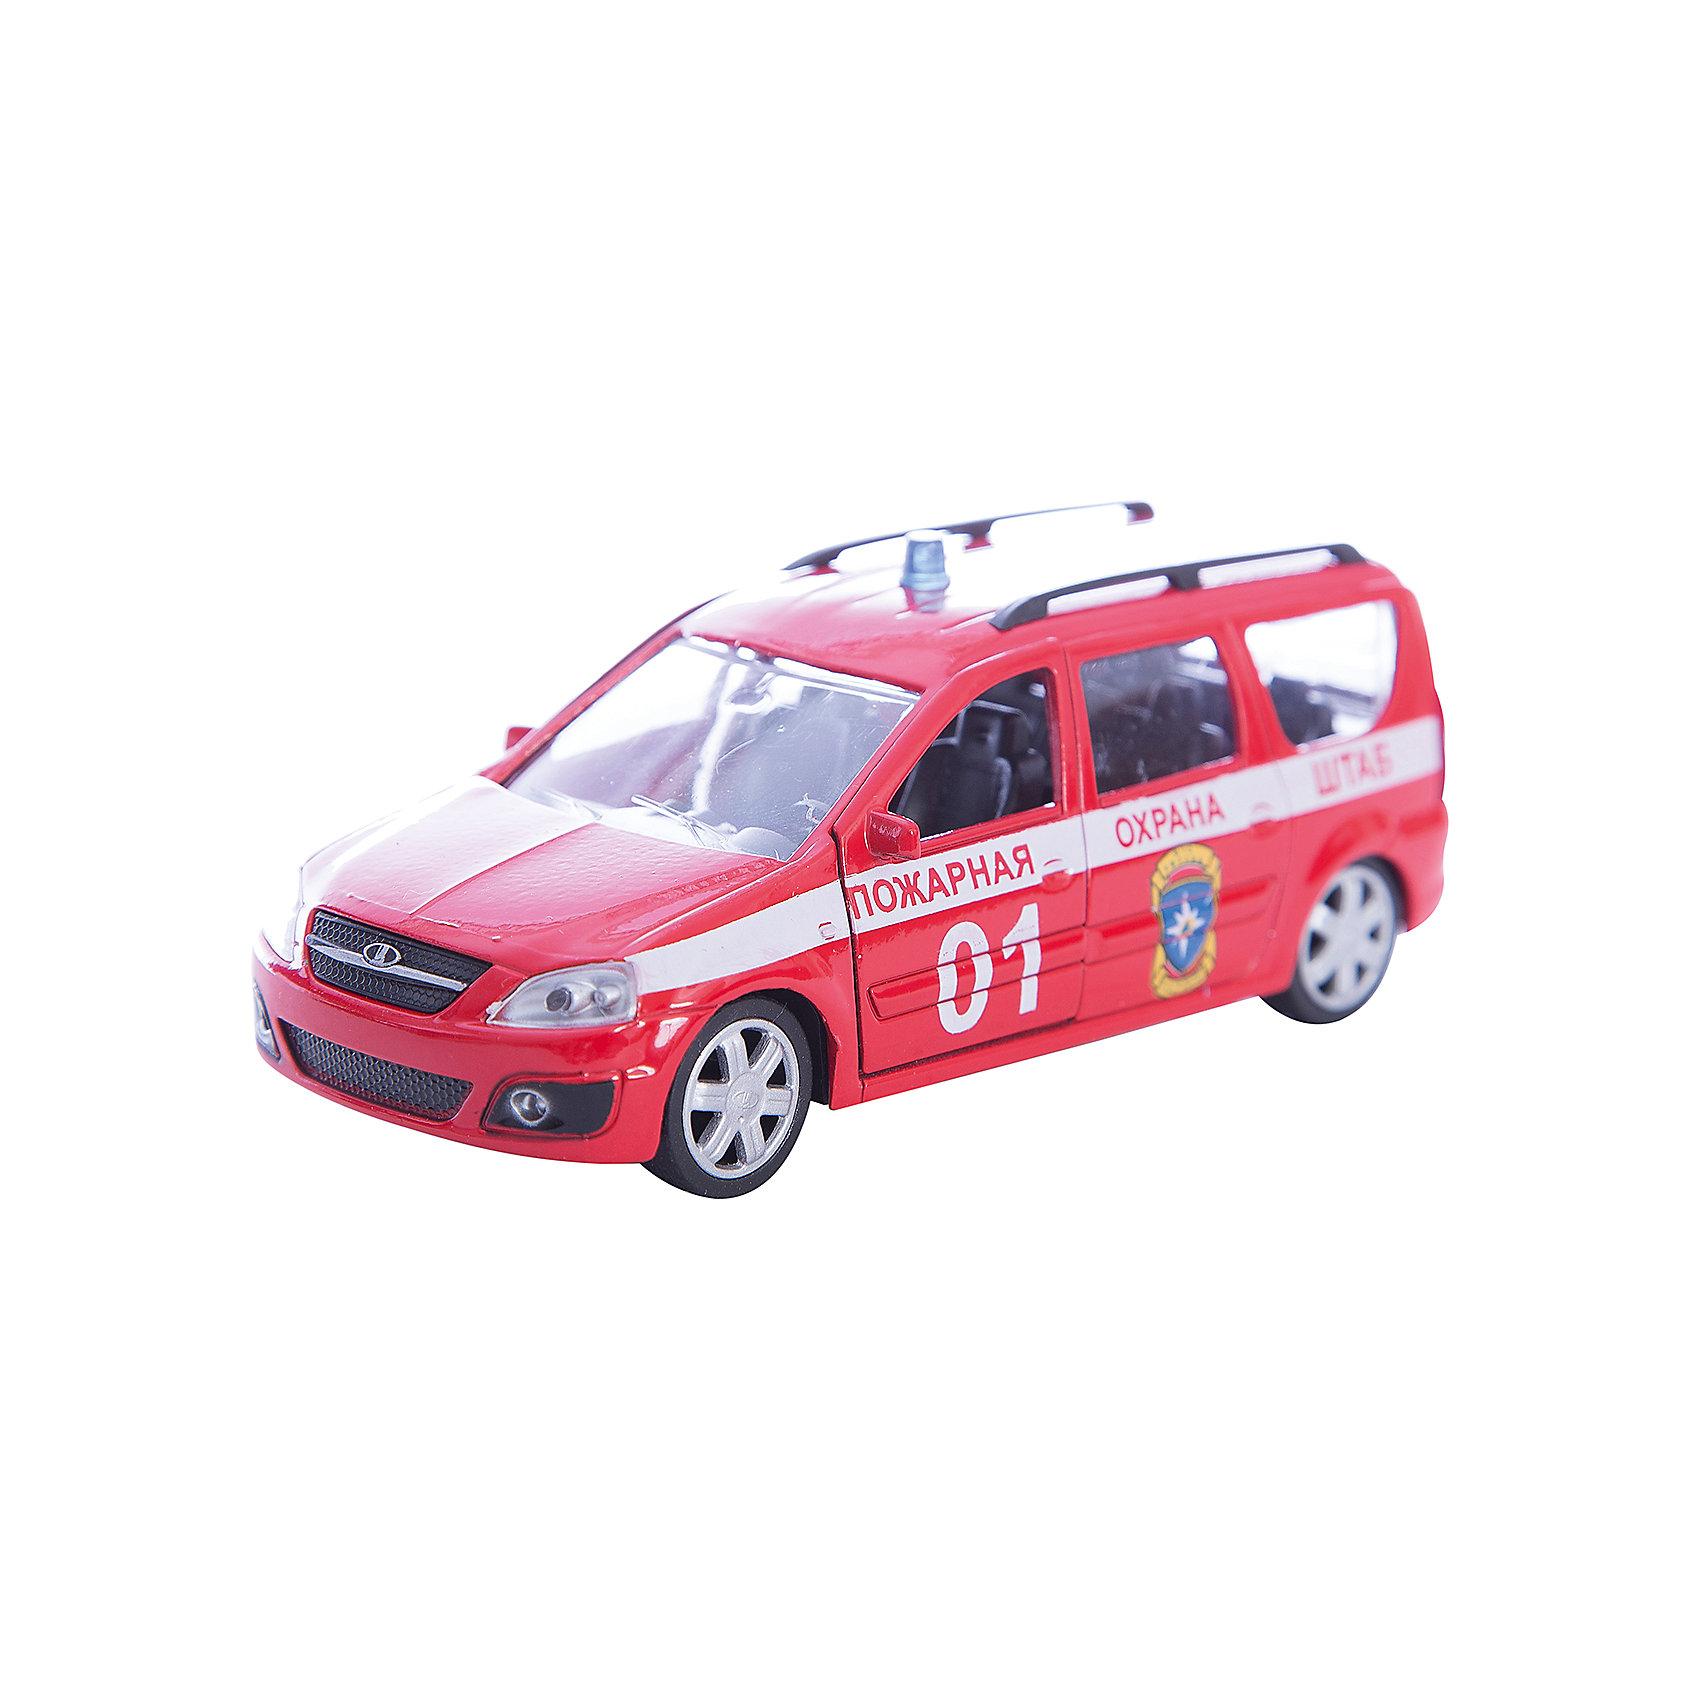 Машинка Lada Largus пожарная охрана 1:38, AutotimeМашинки<br>Машинка Lada Largus пожарная охрана 1:38, Autotime (Автотайм).<br><br>Характеристики:<br><br>• Масштаб 1:38<br>• Цвет: красный<br>• Материал: металл, пластик<br>• Упаковка: картонная коробка блистерного типа<br>• Размер упаковки: 16,5x5,7x7,2 см.<br><br>Машинка Lada Largus пожарная охрана от Autotime (Автотайм) является уменьшенной копией настоящего автомобиля. Модель отличается высокой степенью детализации. Корпус машинки металлический с пластиковыми элементами. Автомобиль очень реалистично раскрашен. Передние двери открываются, что позволяет рассмотреть салон изнутри в деталях. Машинка оснащена инерционным механизмом. Машинка Lada Largus пожарная охрана, выпущенная в русской серии бренда Autotime (Автотайм), станет хорошим подарком и ребенку, и коллекционеру моделей автомобилей.<br><br>Машинку Lada Largus пожарная охрана 1:38, Autotime (Автотайм) можно купить в нашем интернет-магазине.<br><br>Ширина мм: 165<br>Глубина мм: 57<br>Высота мм: 75<br>Вес г: 13<br>Возраст от месяцев: 36<br>Возраст до месяцев: 2147483647<br>Пол: Мужской<br>Возраст: Детский<br>SKU: 5583879